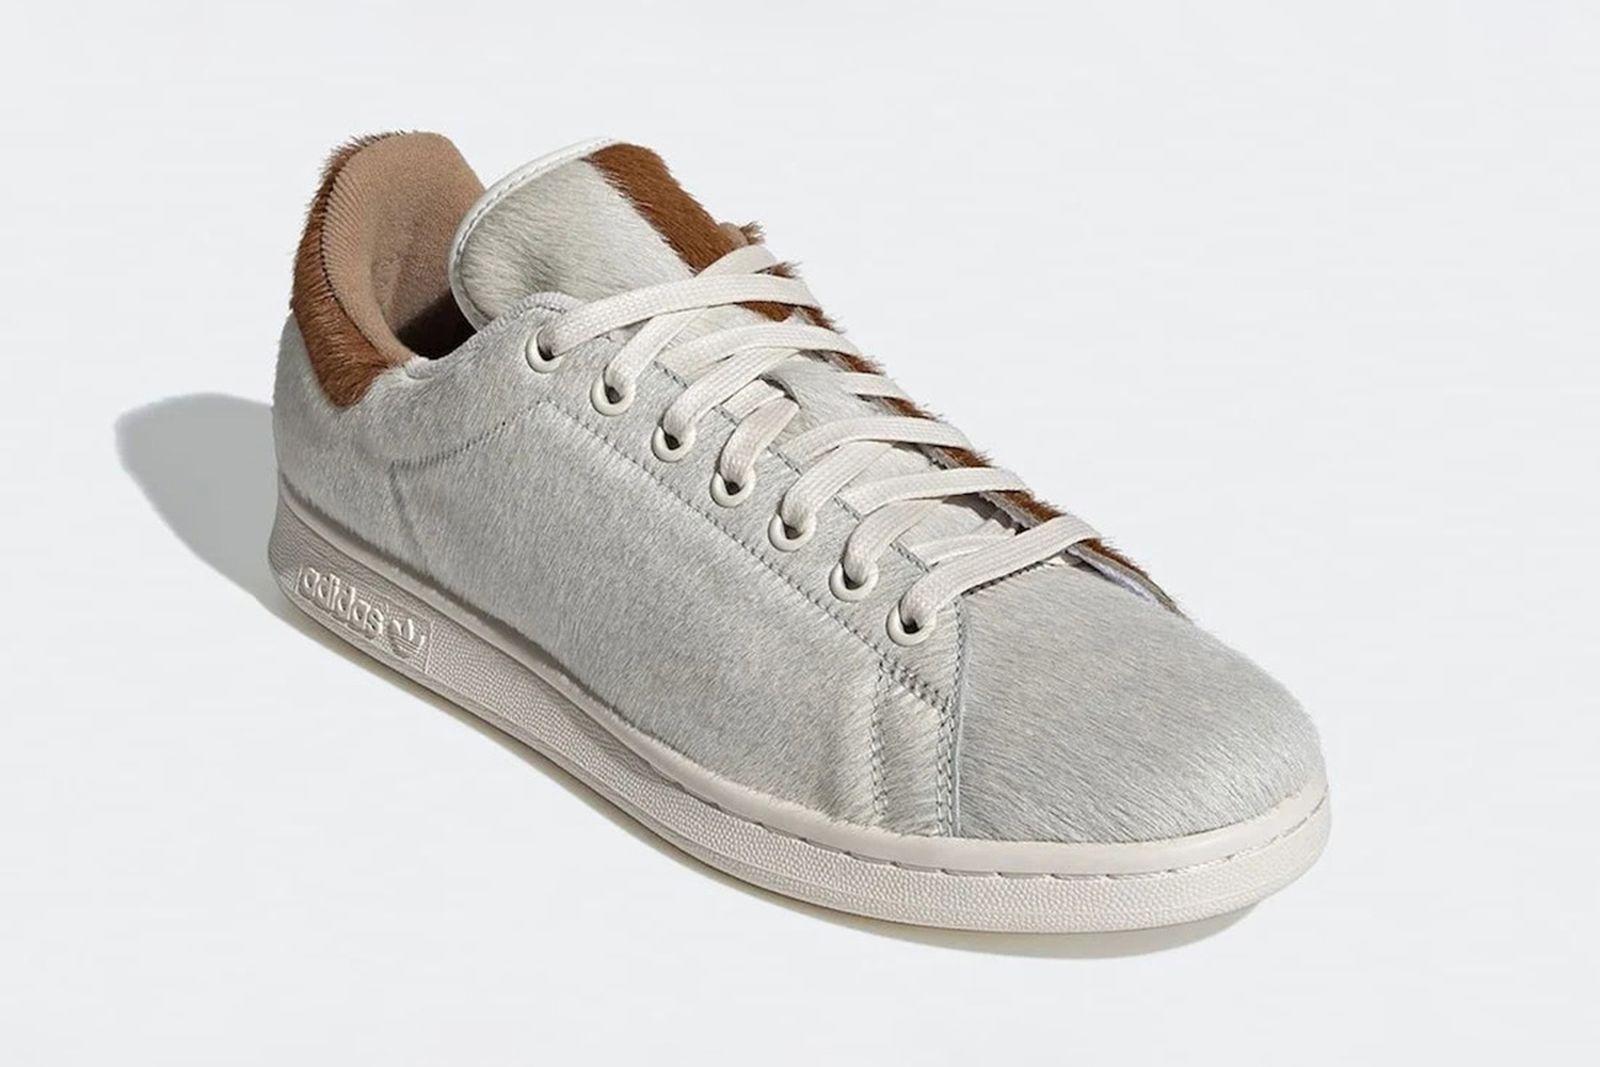 adidas-originals-stan-smith-gremlins-release-date-price-03